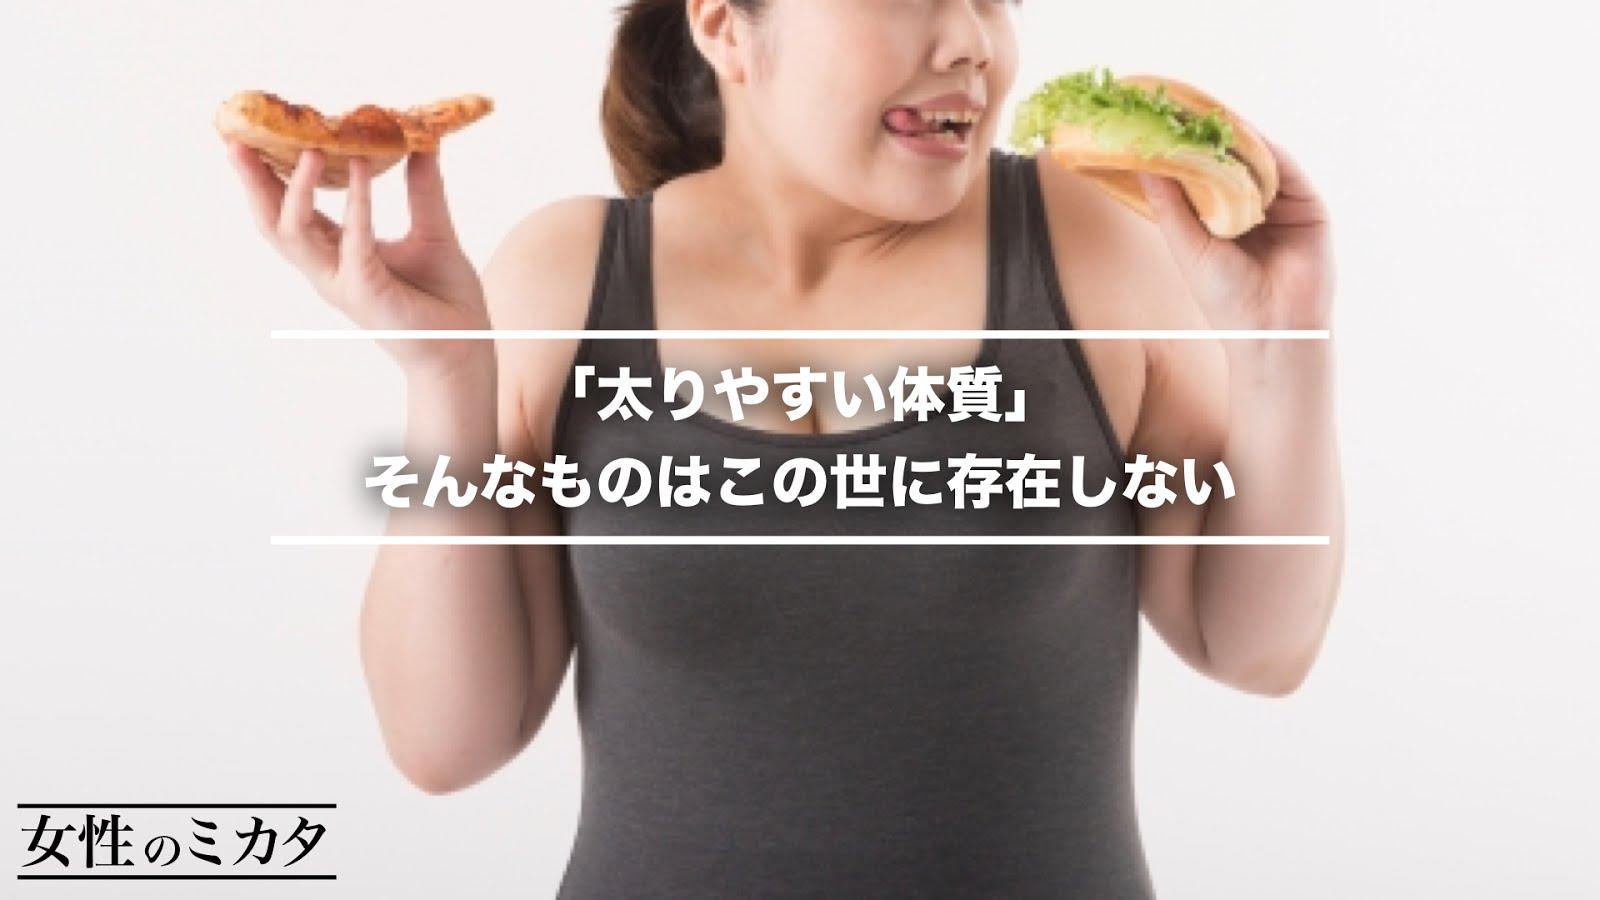 【ダイエットの嘘】太りやすい体質なんて存在しない